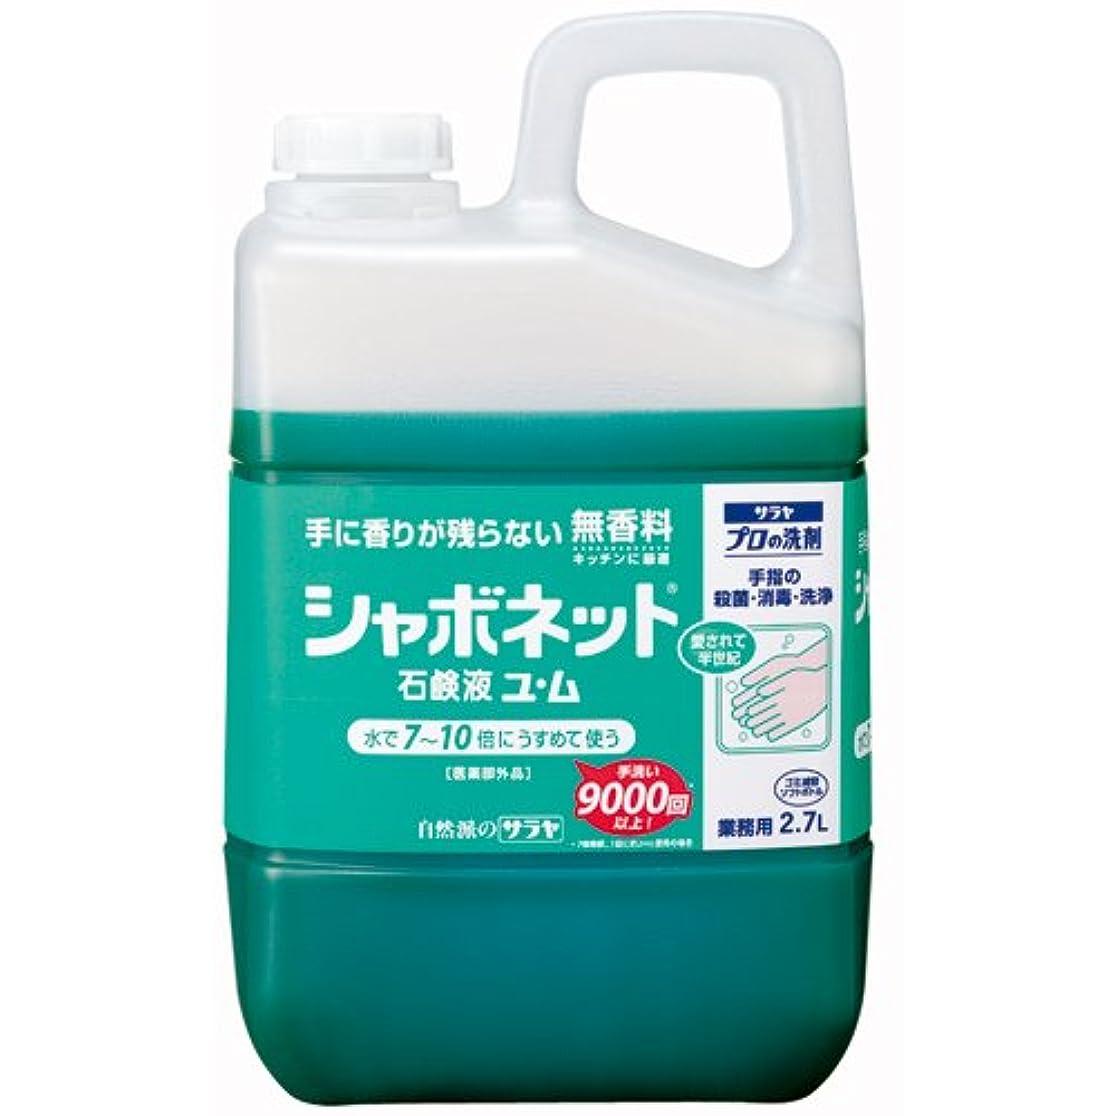 つまらないダーツ透過性サラヤ シャボネット石鹸液 ユ?ム 無香料 業務用 2.7L